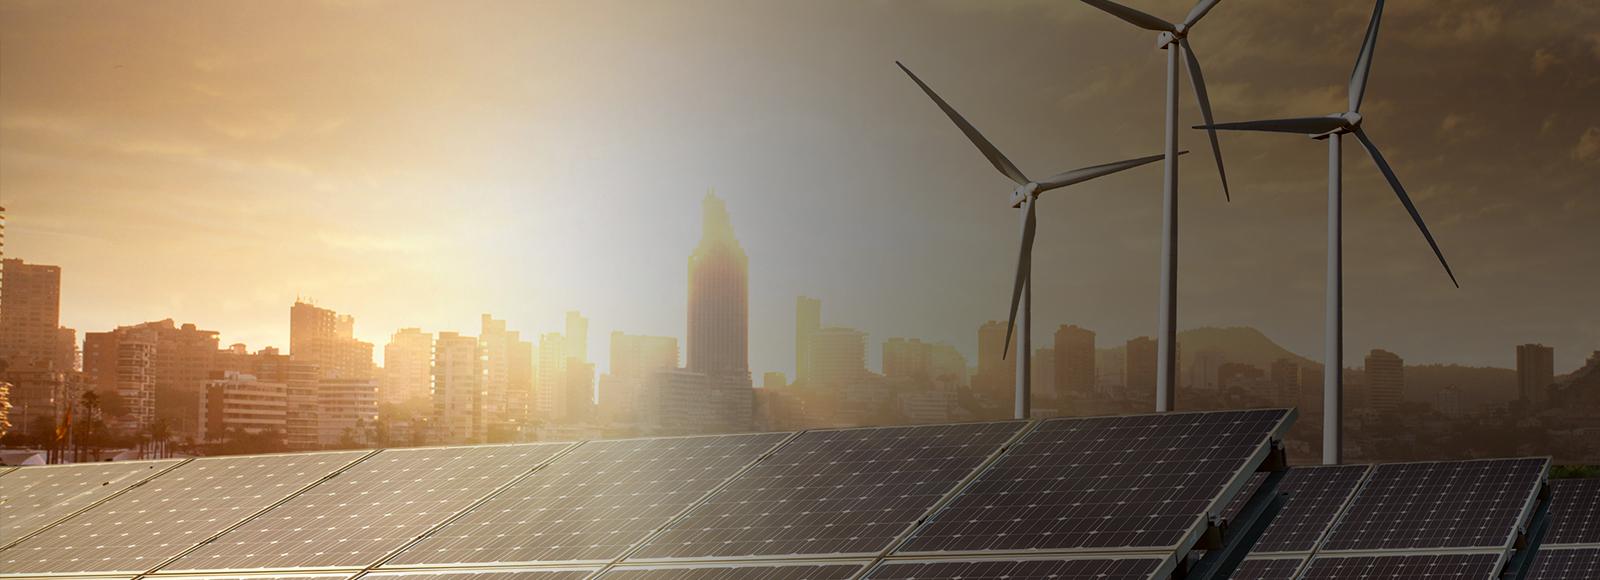 Clean, Safe, Renewable.